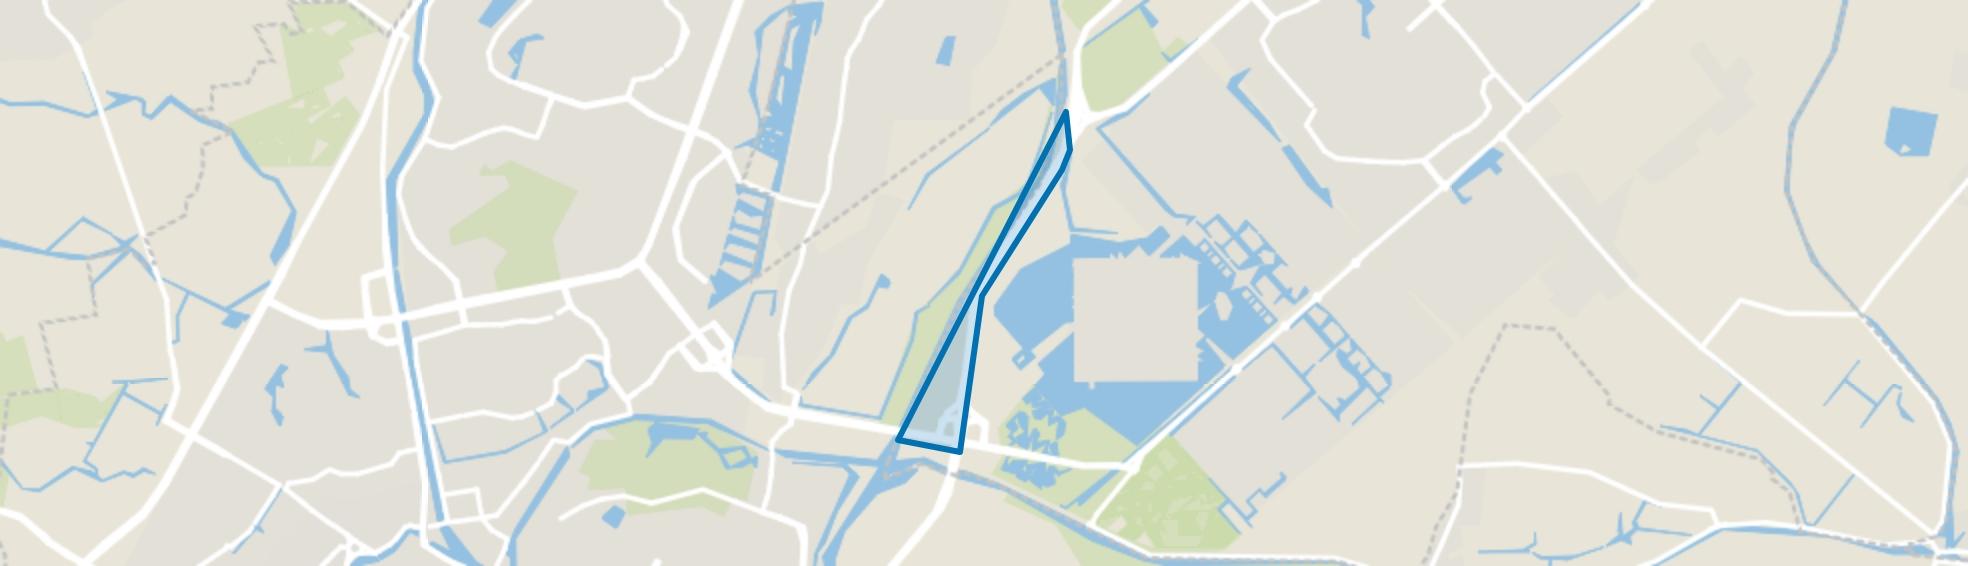 Overtoom, Heerhugowaard map